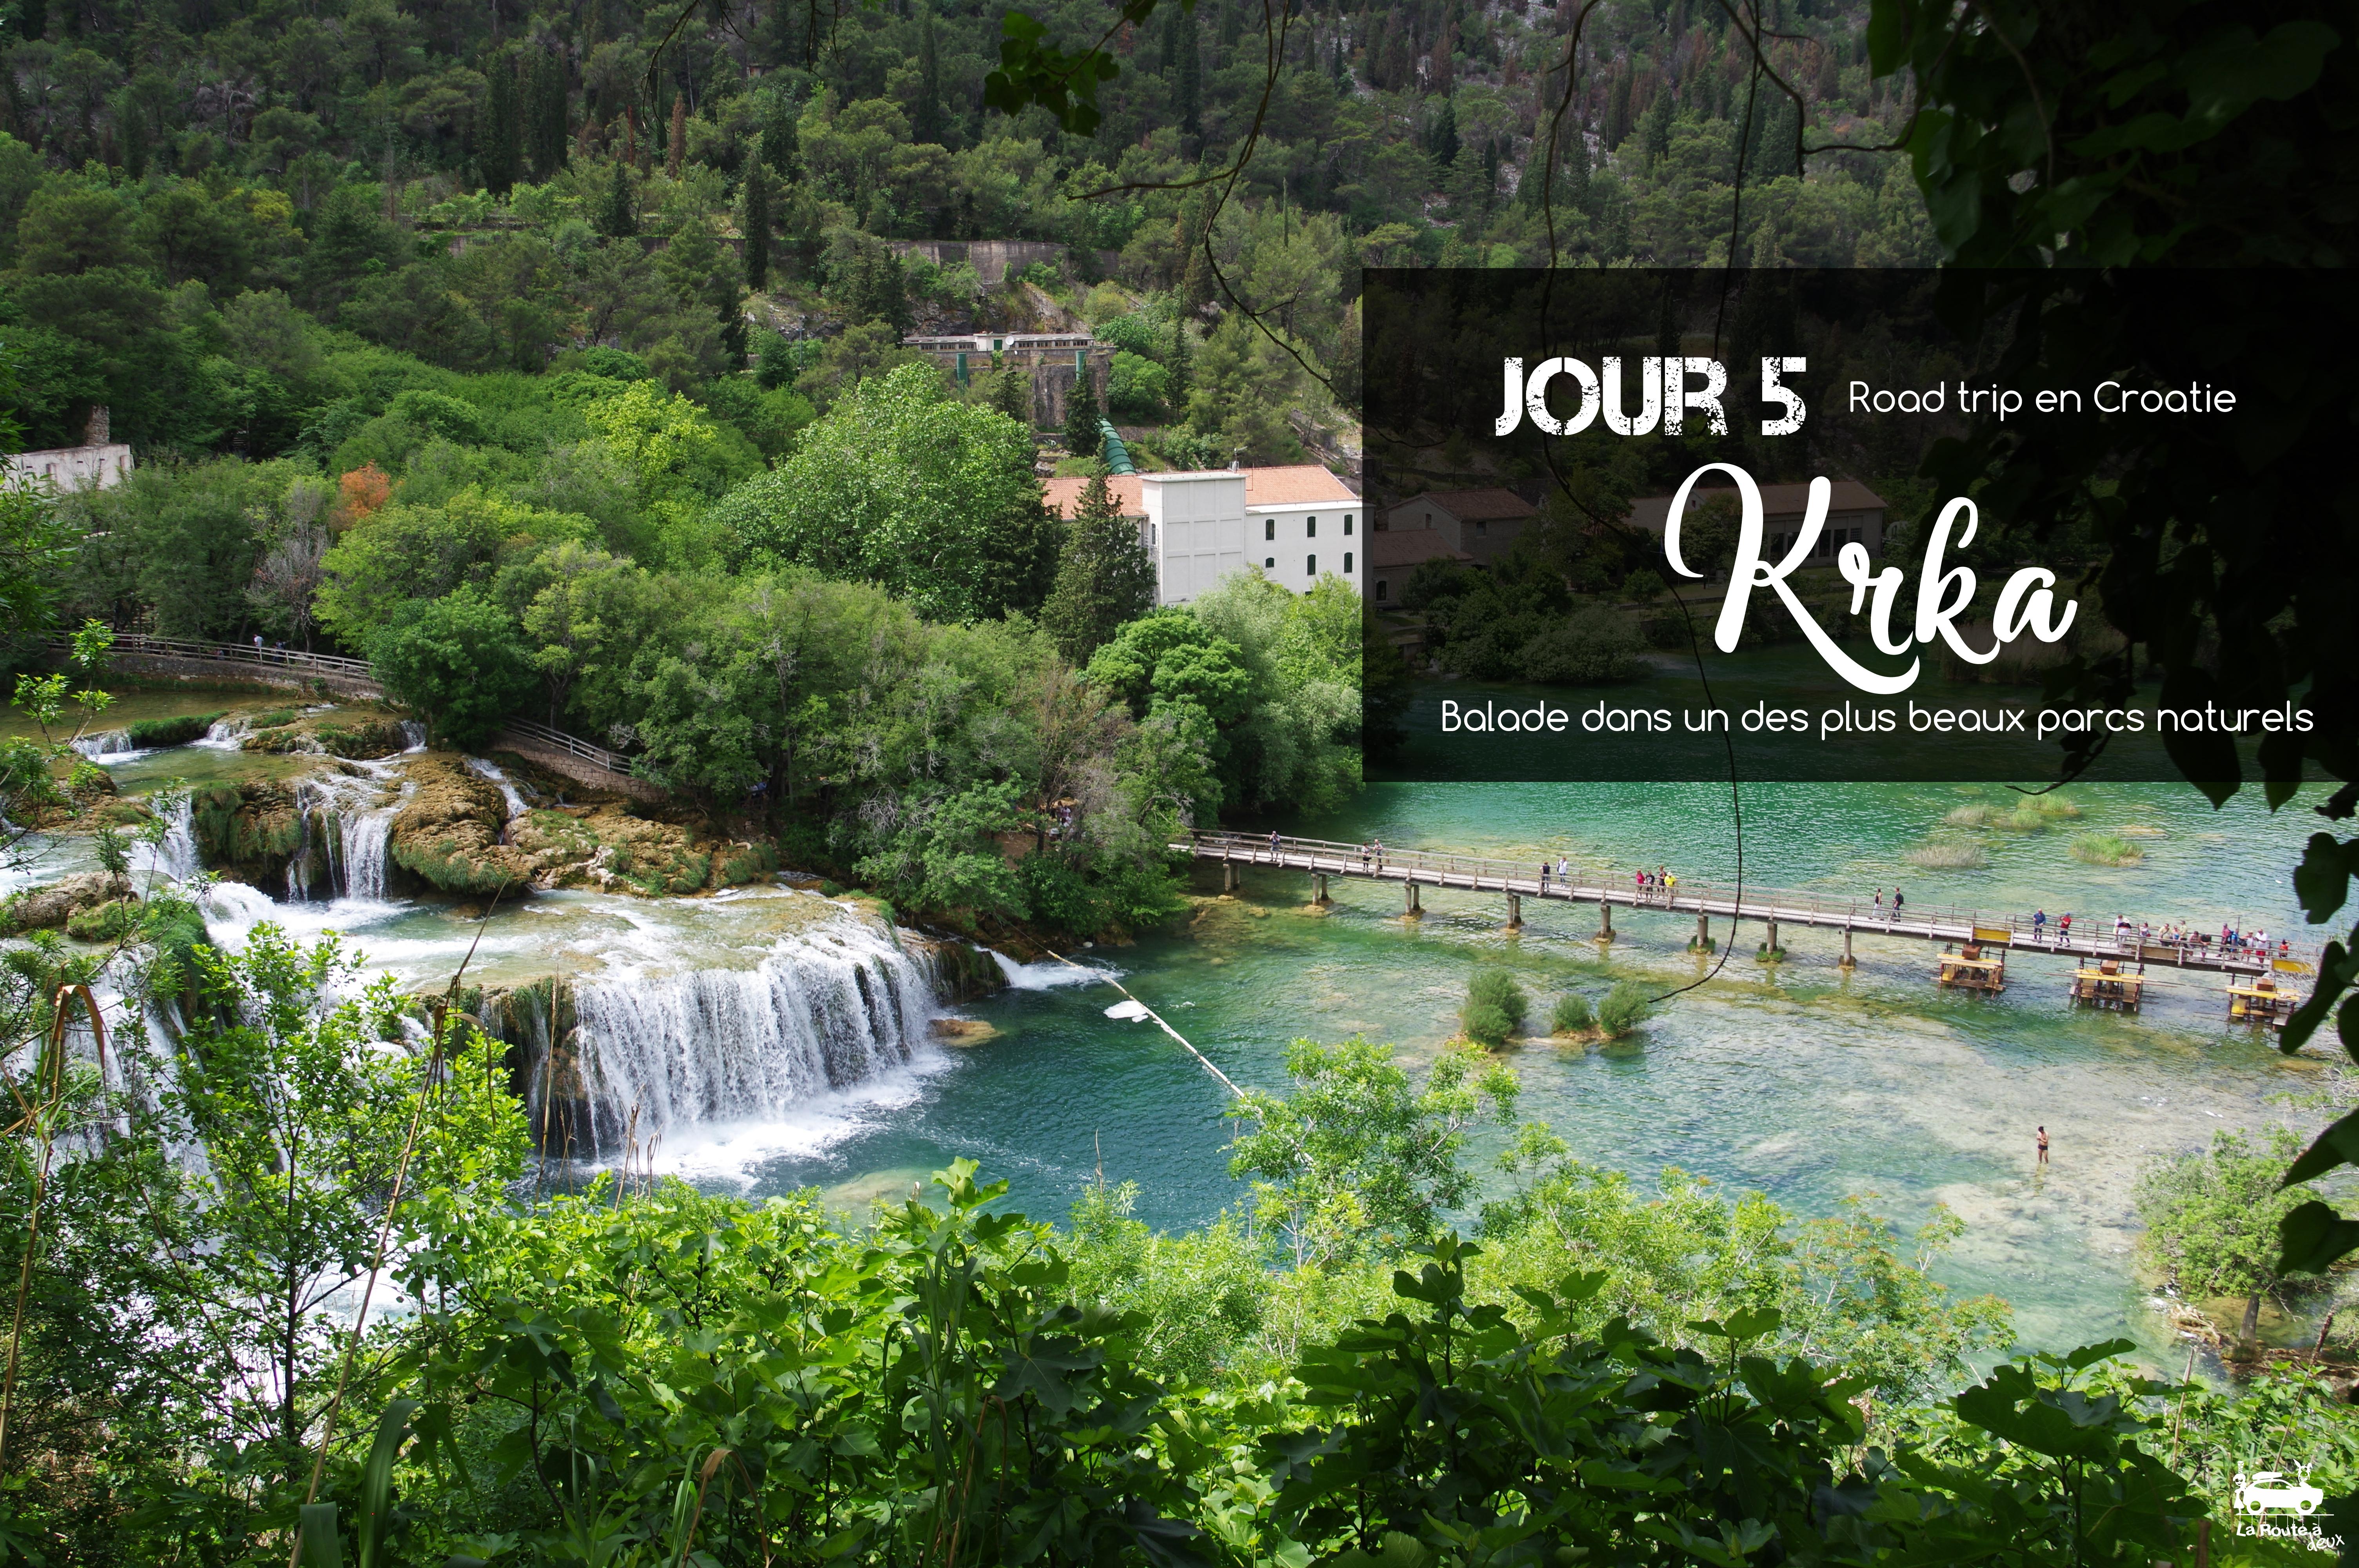 Cinquime Jour De Nos Aventures En Croatie Et On Quitte Les Villes Pour Nous Plonger Pleine Nature Dans Le Parc National Krka